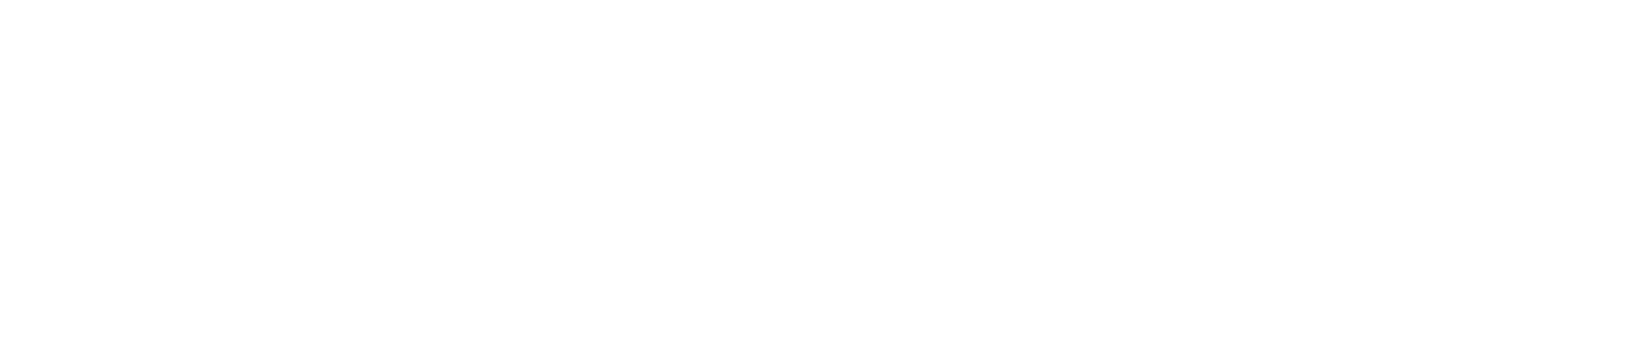 martinweber_logo